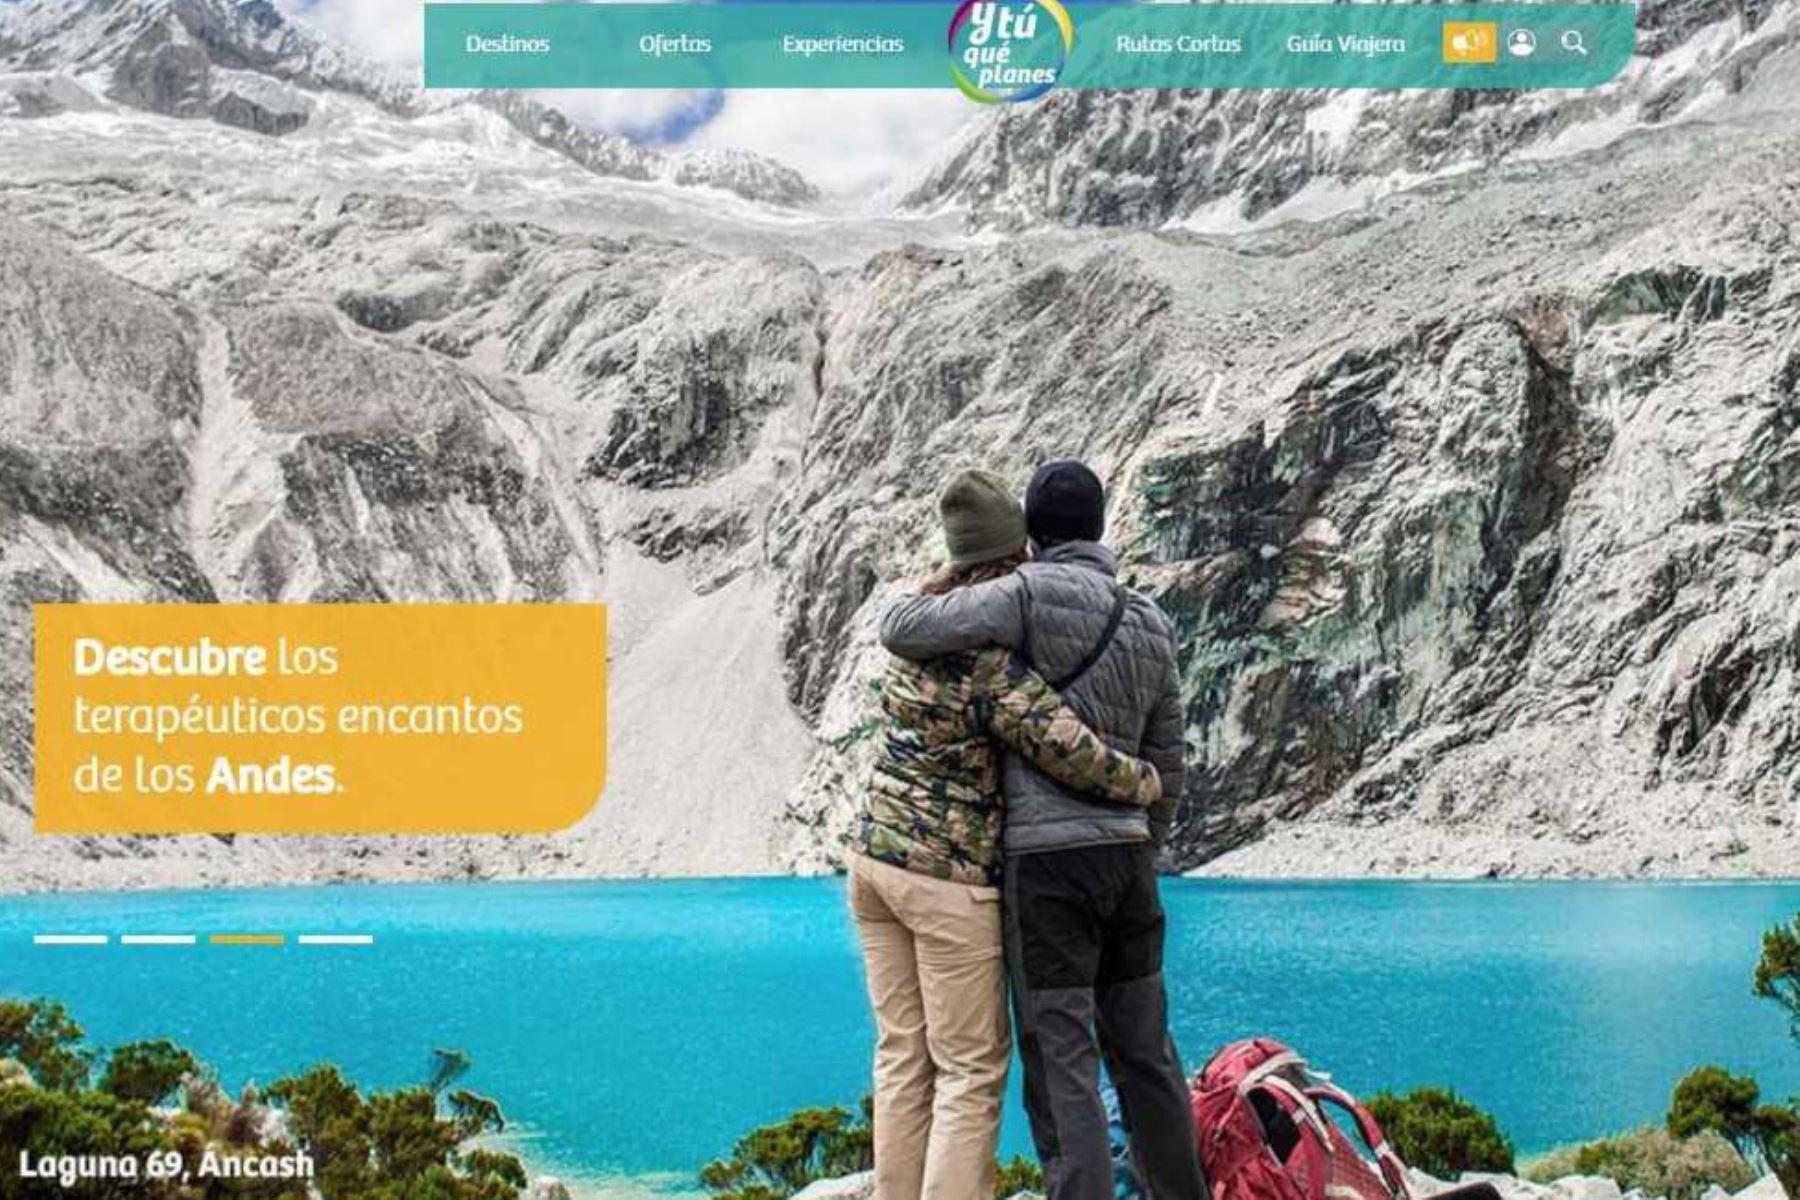 """La Comisión de Promoción del Perú para la Exportación y el Turismo (Promperú) presentó la nueva campaña """"Lo bueno de viajar"""", dirigida al turista nacional que busca impulsar las visitas al interior del país enfocándose en los beneficios que un viaje brinda a las familias, parejas y amigos."""